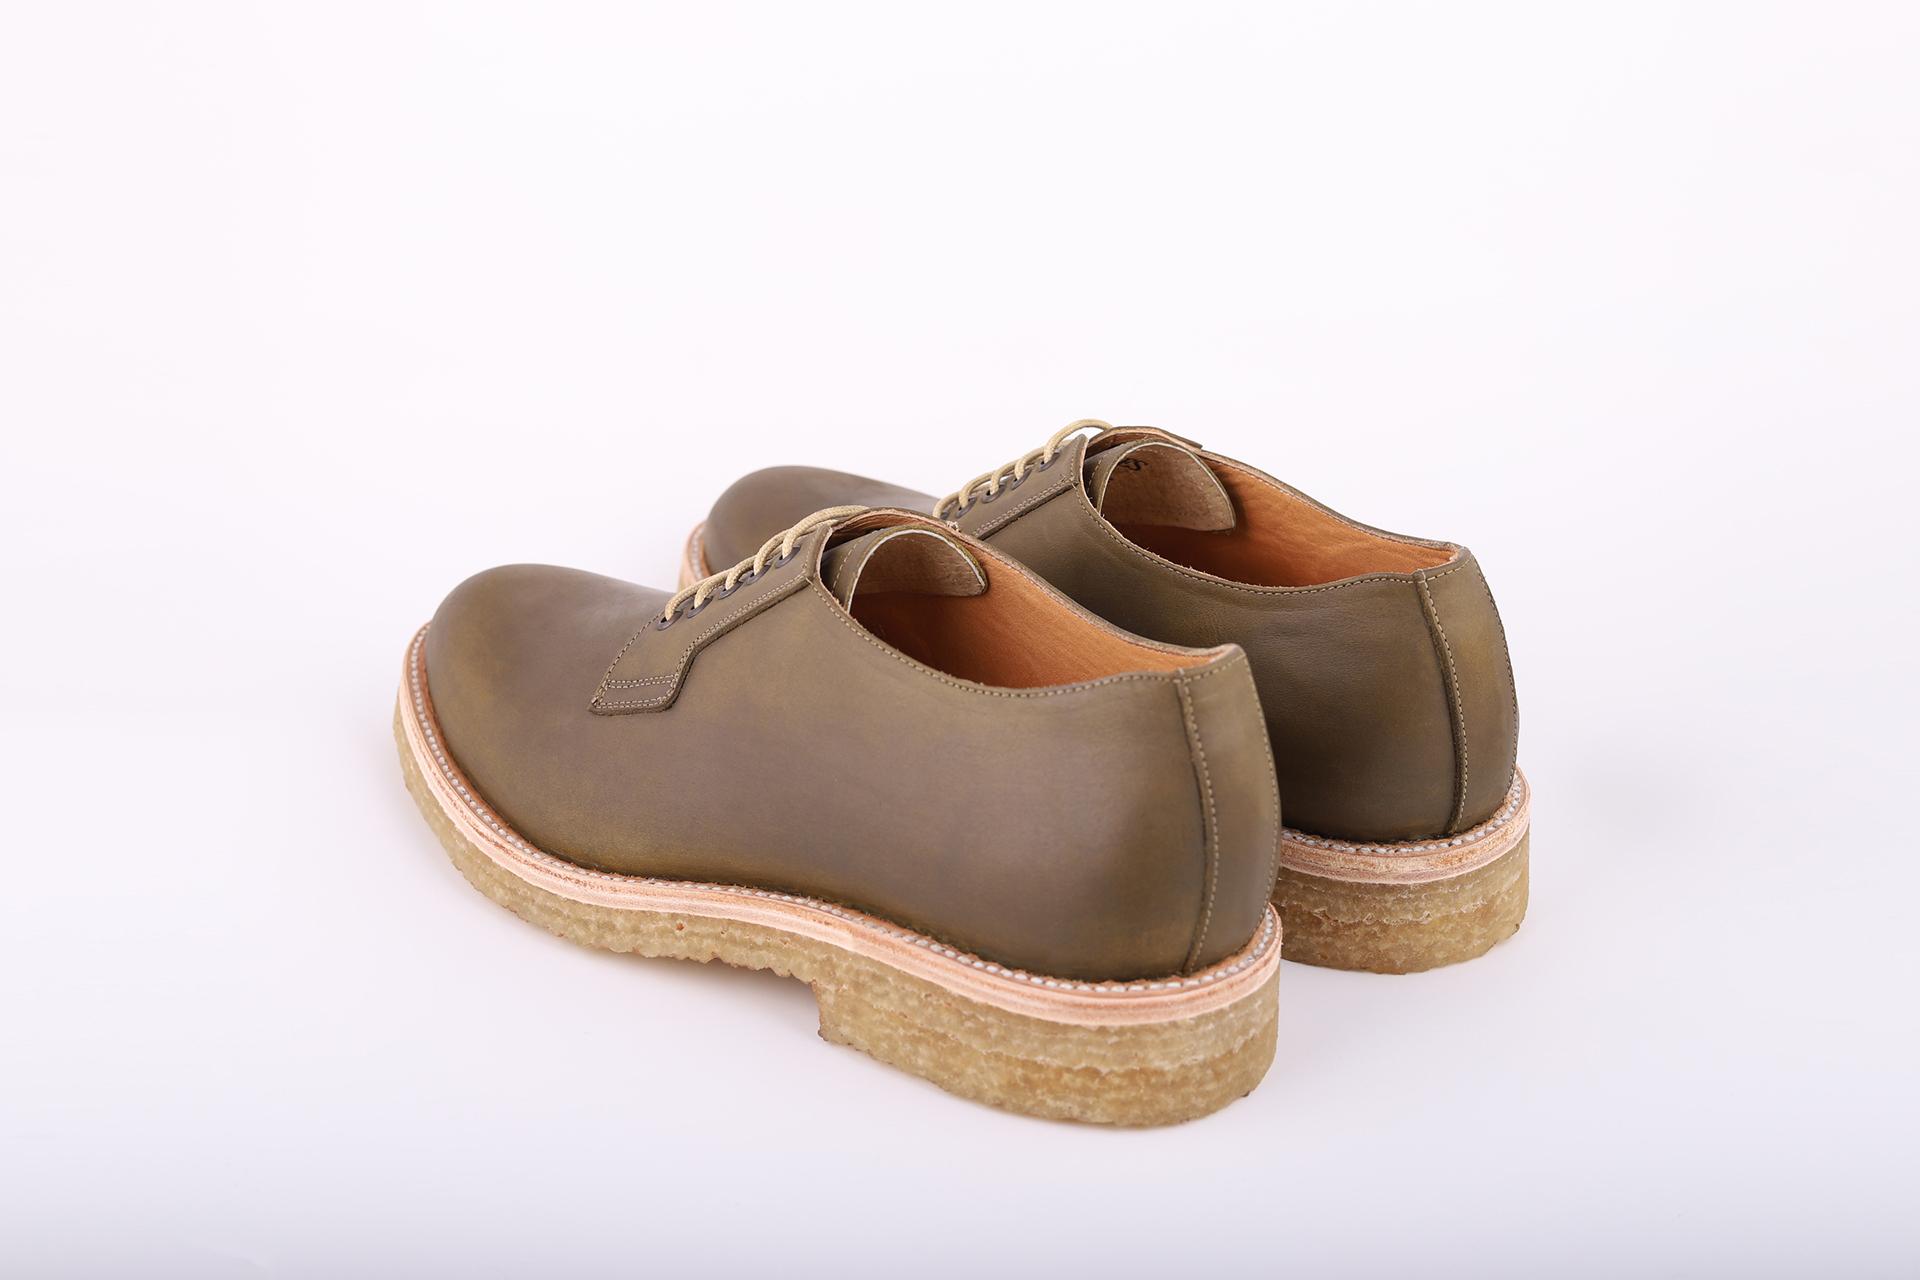 miles-and-louie-zapato-blucher-hombre-mujer-piel-suela-crepe-comodo-coleccion-primavera-verano-2019-summer-collection-viaje-vacaciones-spring.jpg